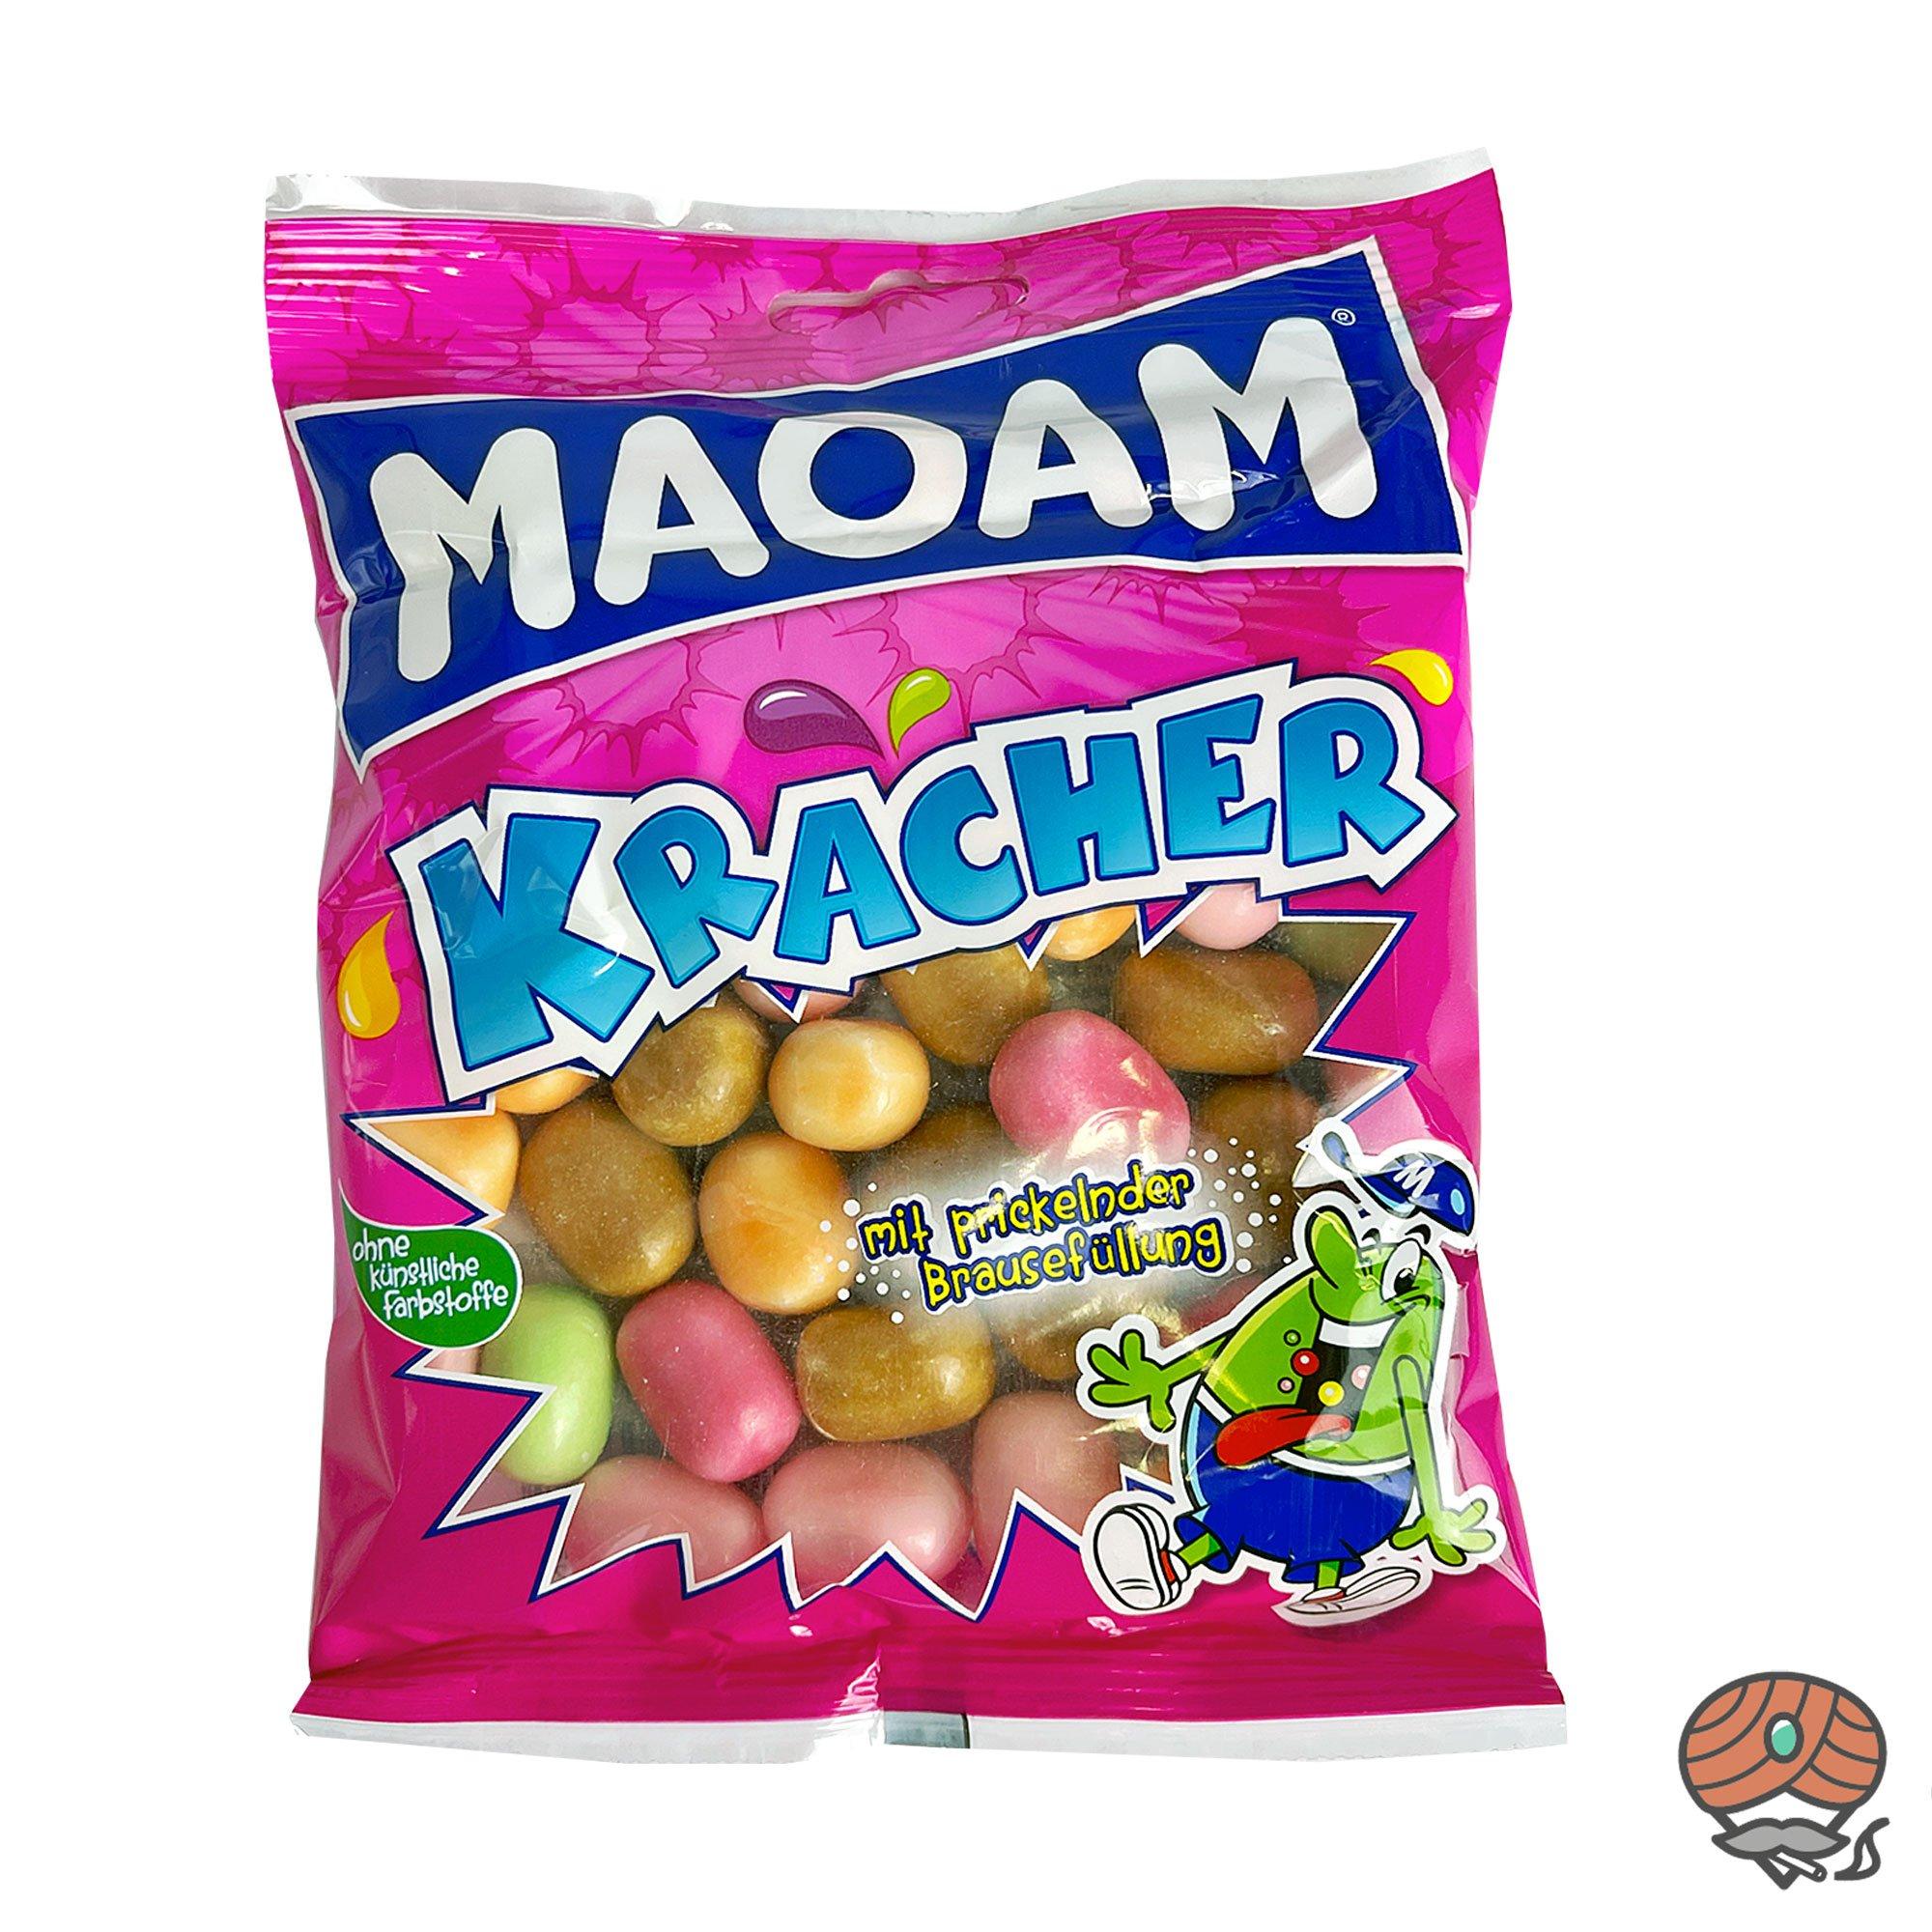 MAOAM Kracher Frucht Kaudragees mit prickelnder Brausefüllung